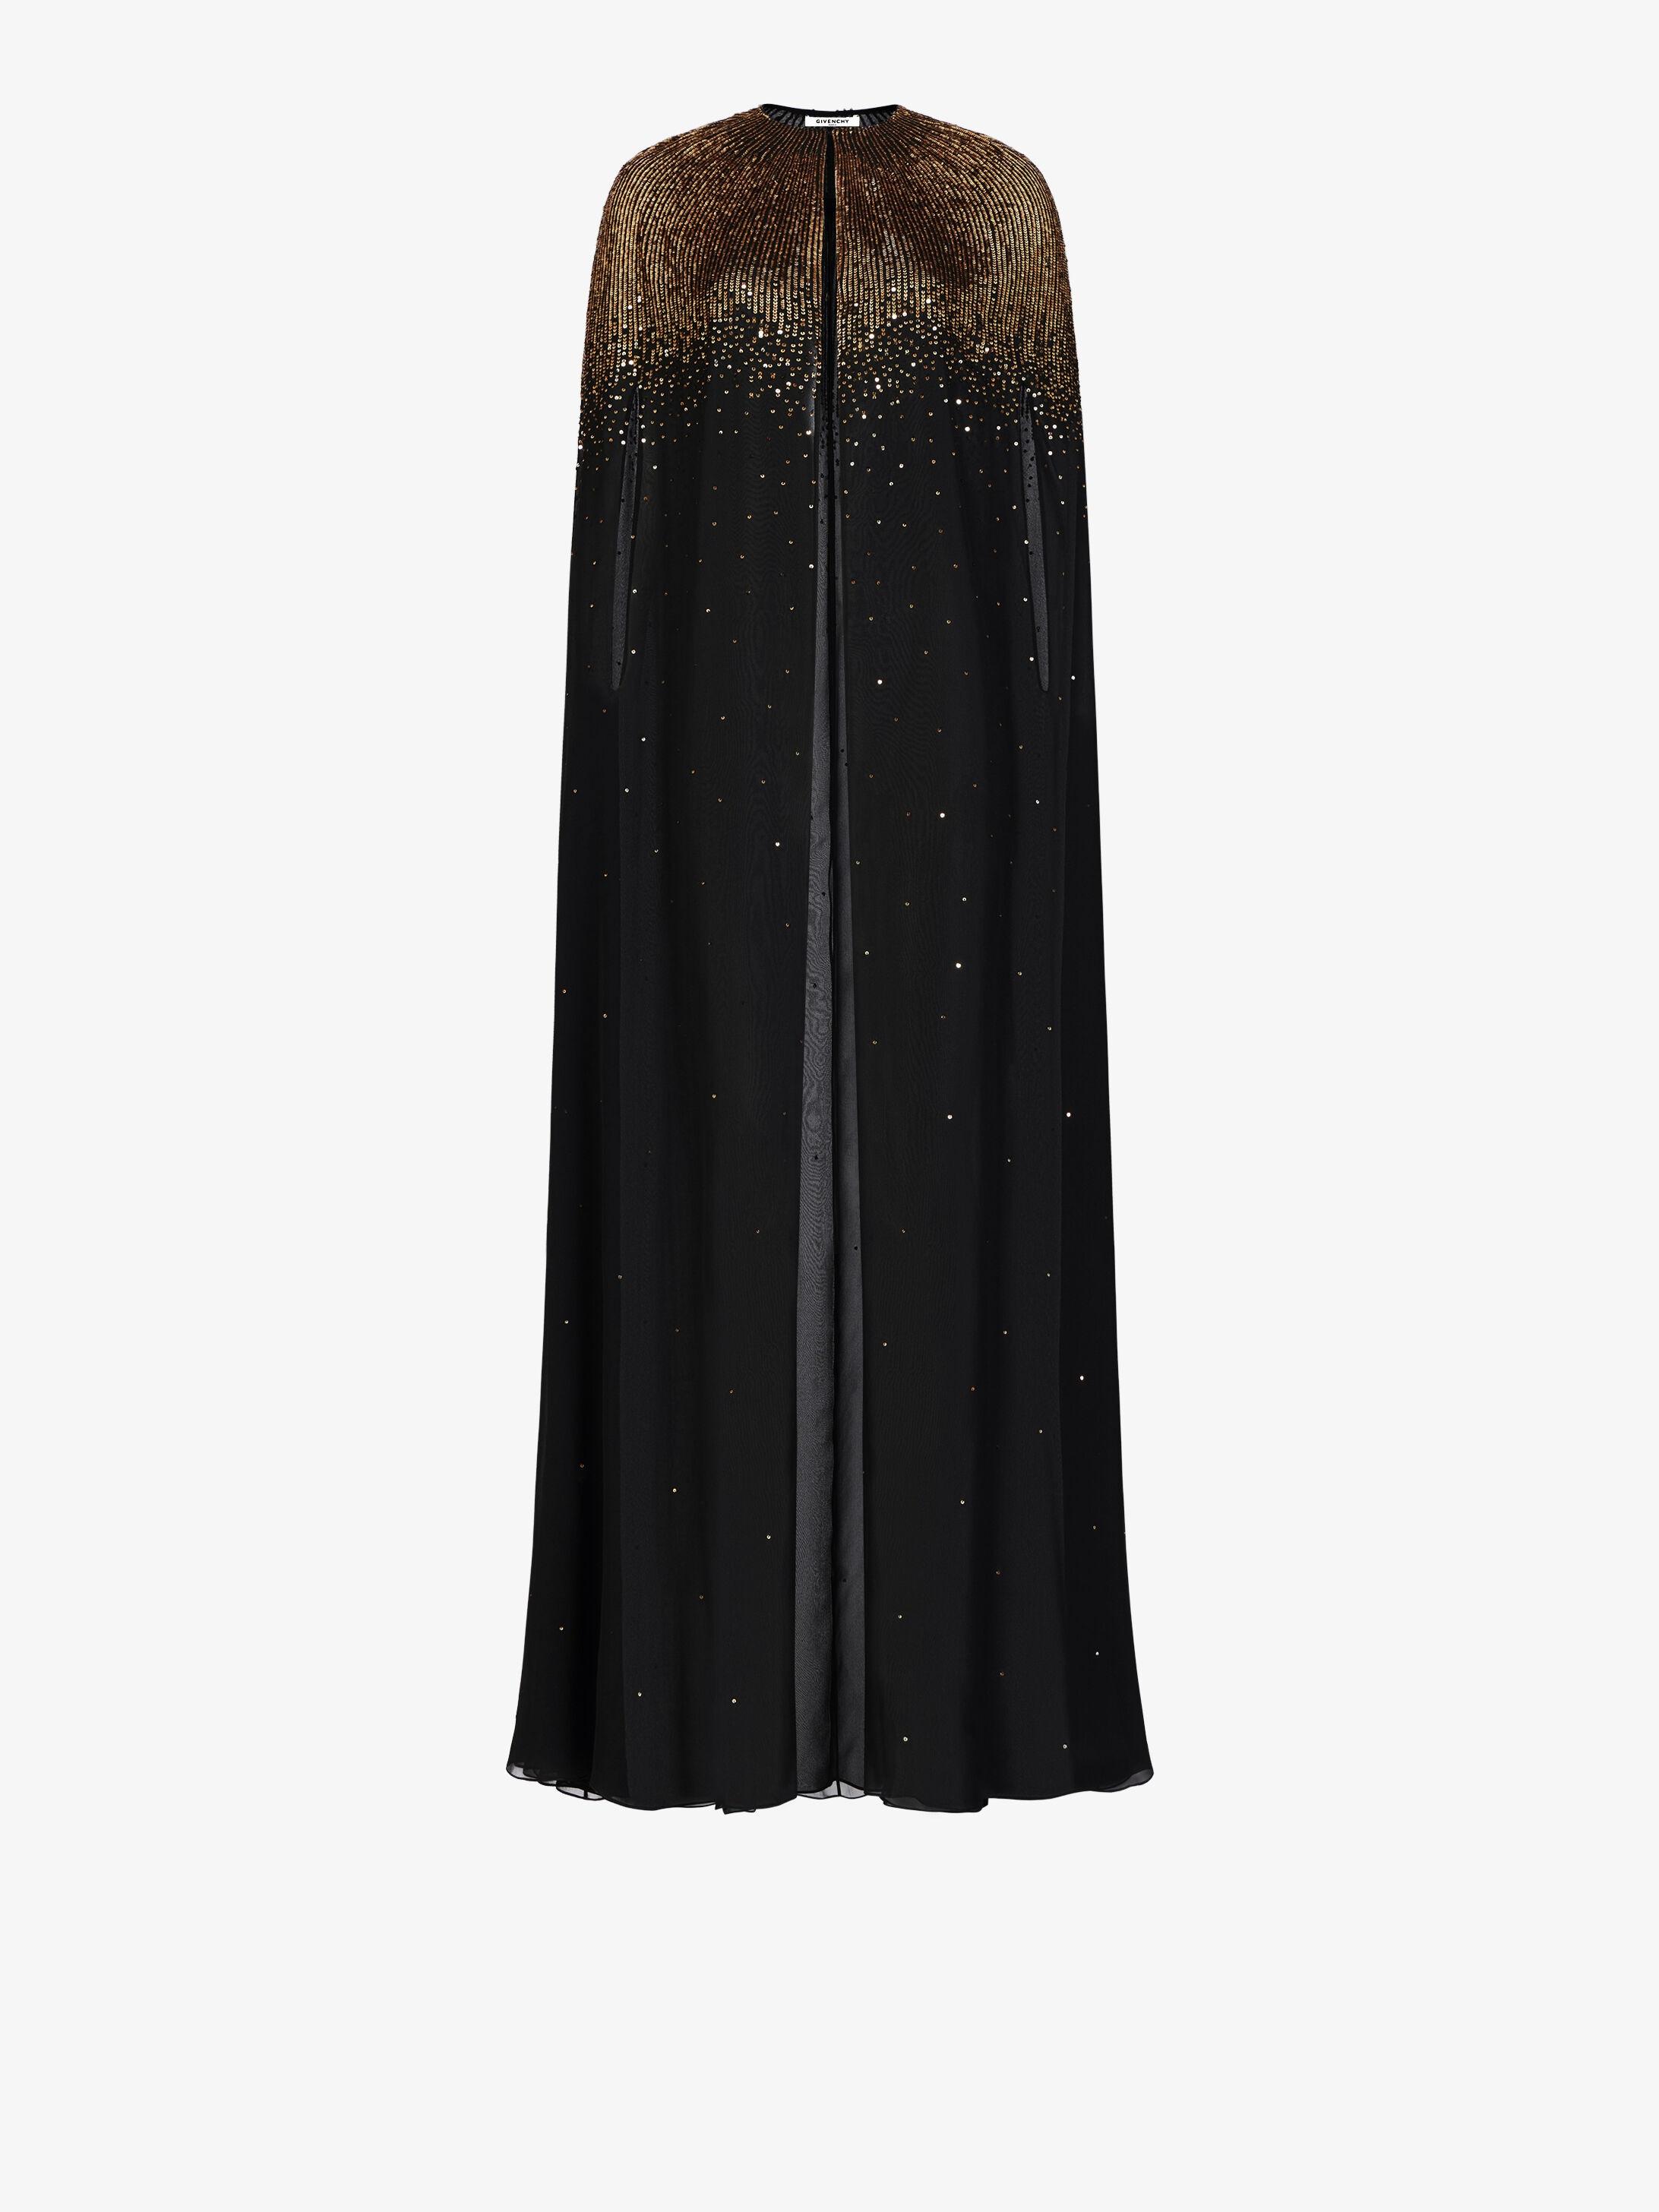 Vestes GivenchyGivenchy La Collection Femme Par Paris lFKTJc1